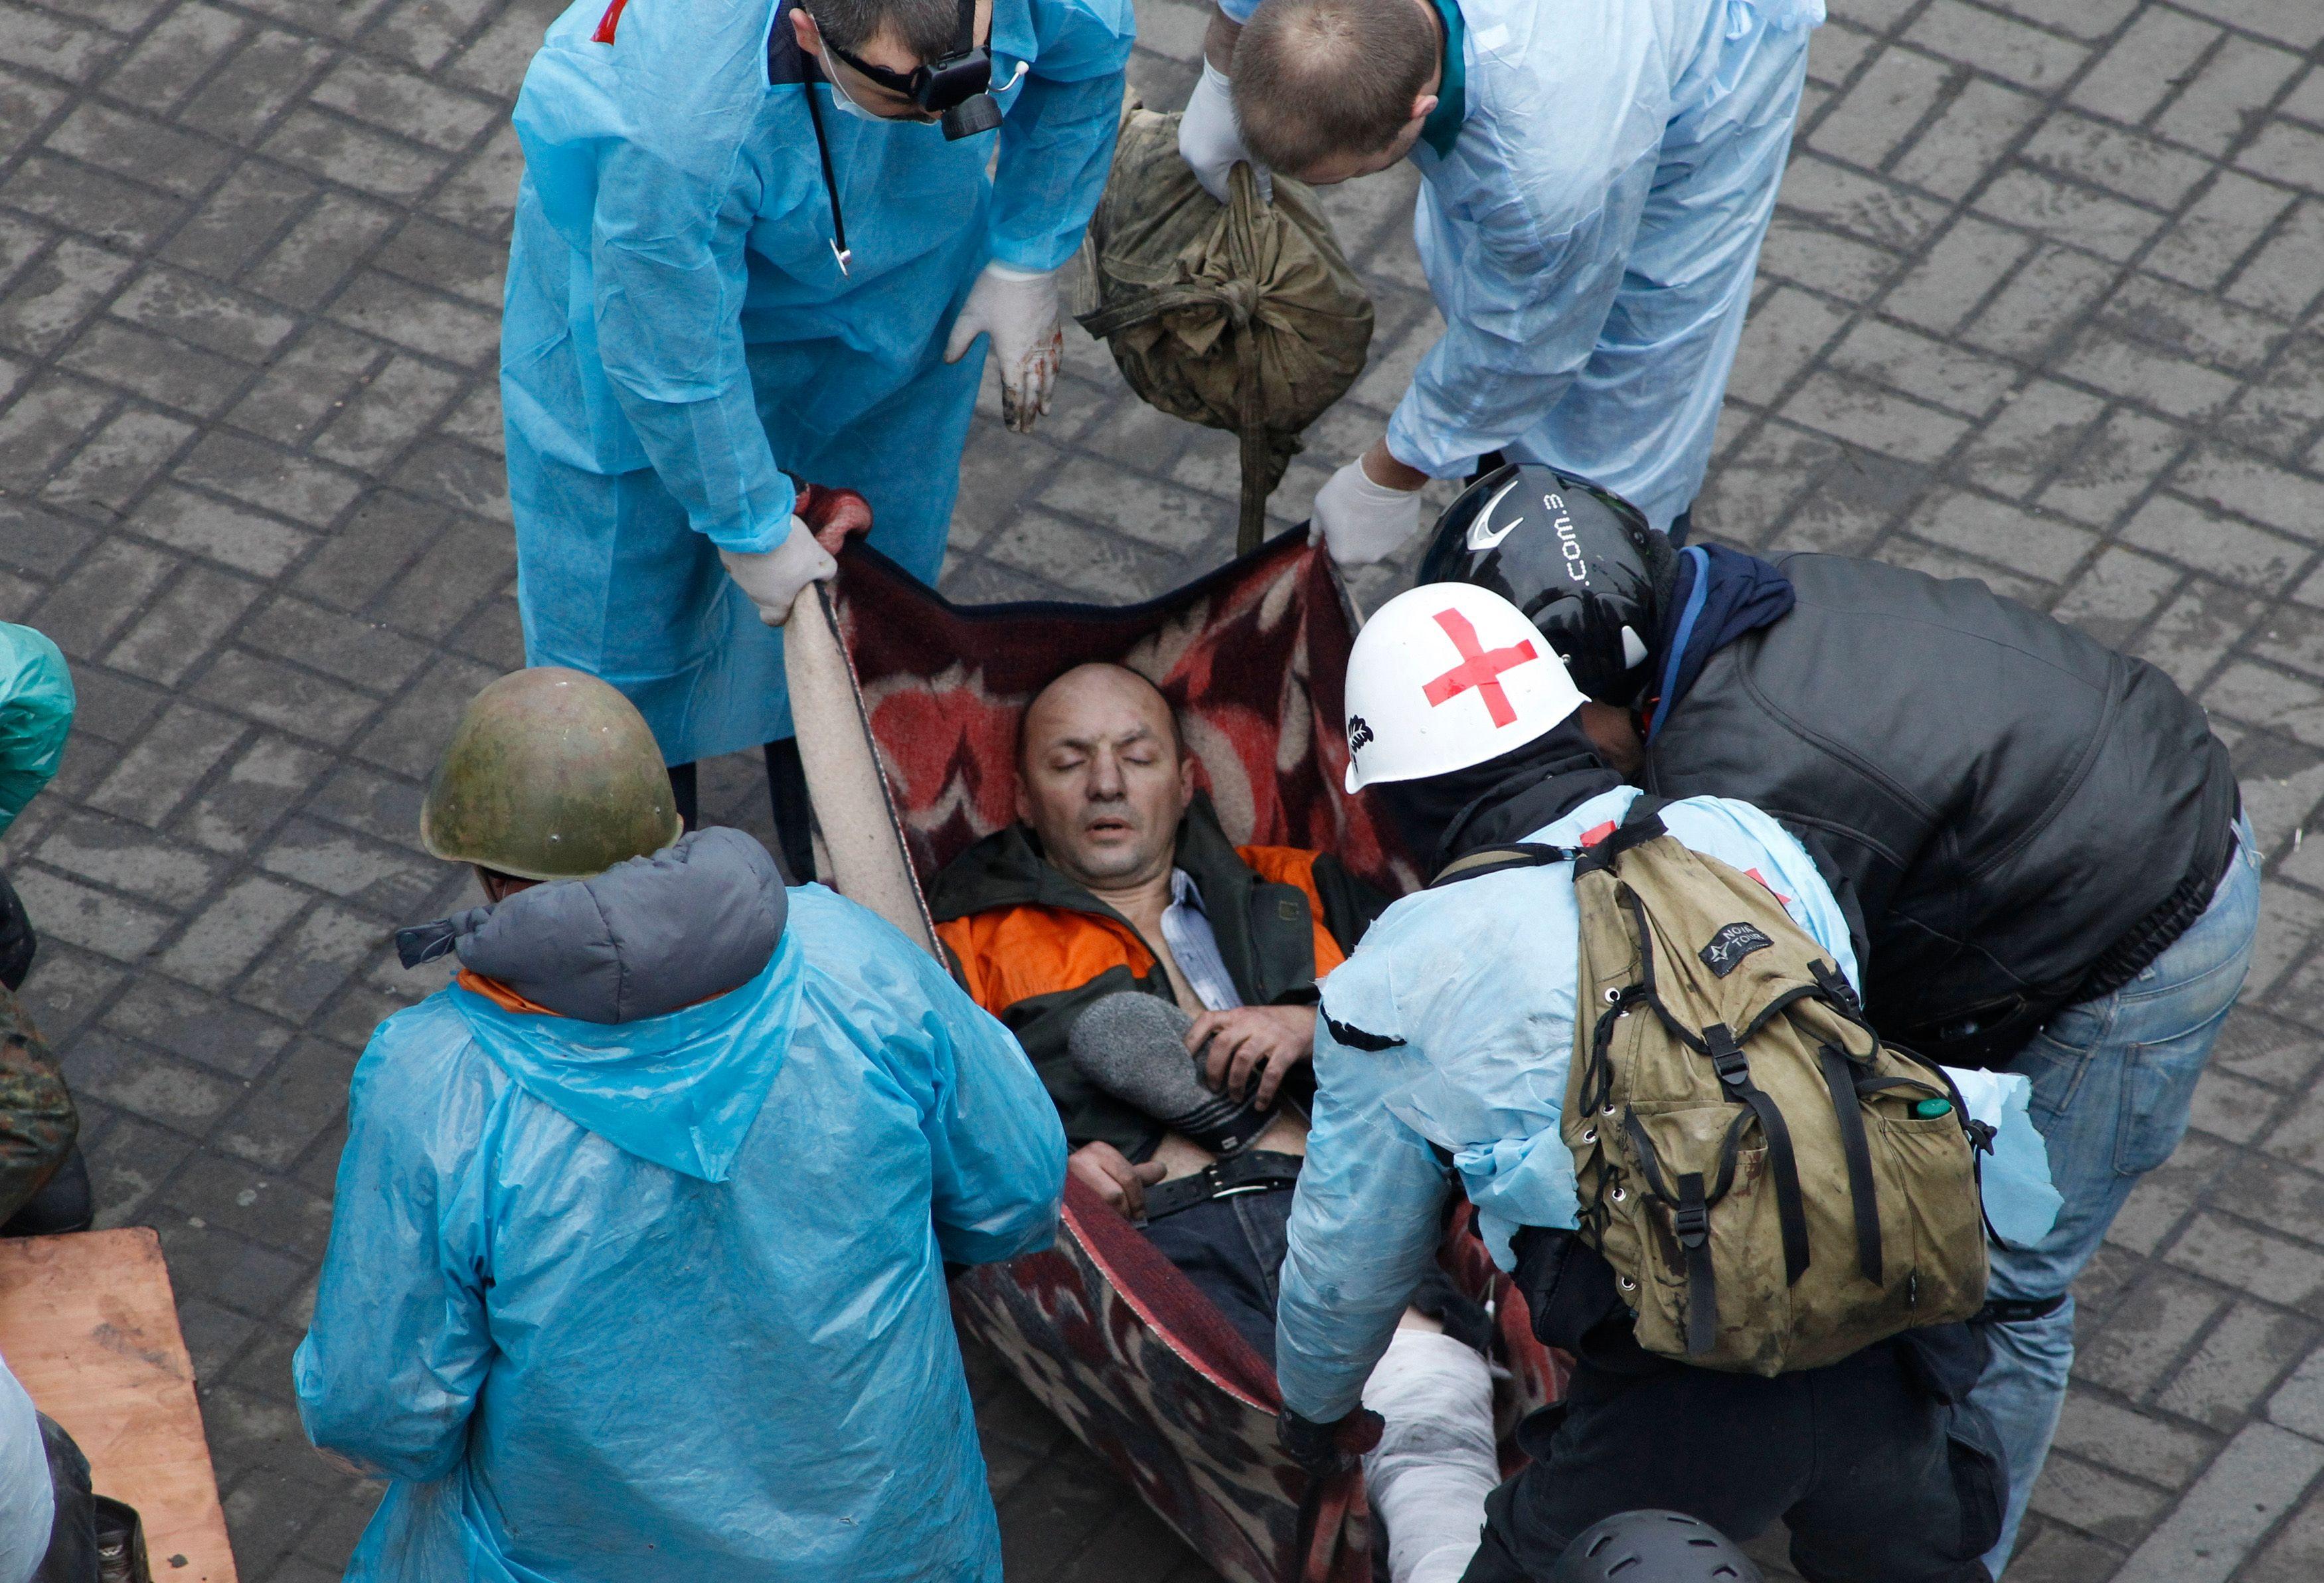 Un homme blessé reçoit des soins médicaux place de l'Indépendance à Kiev.